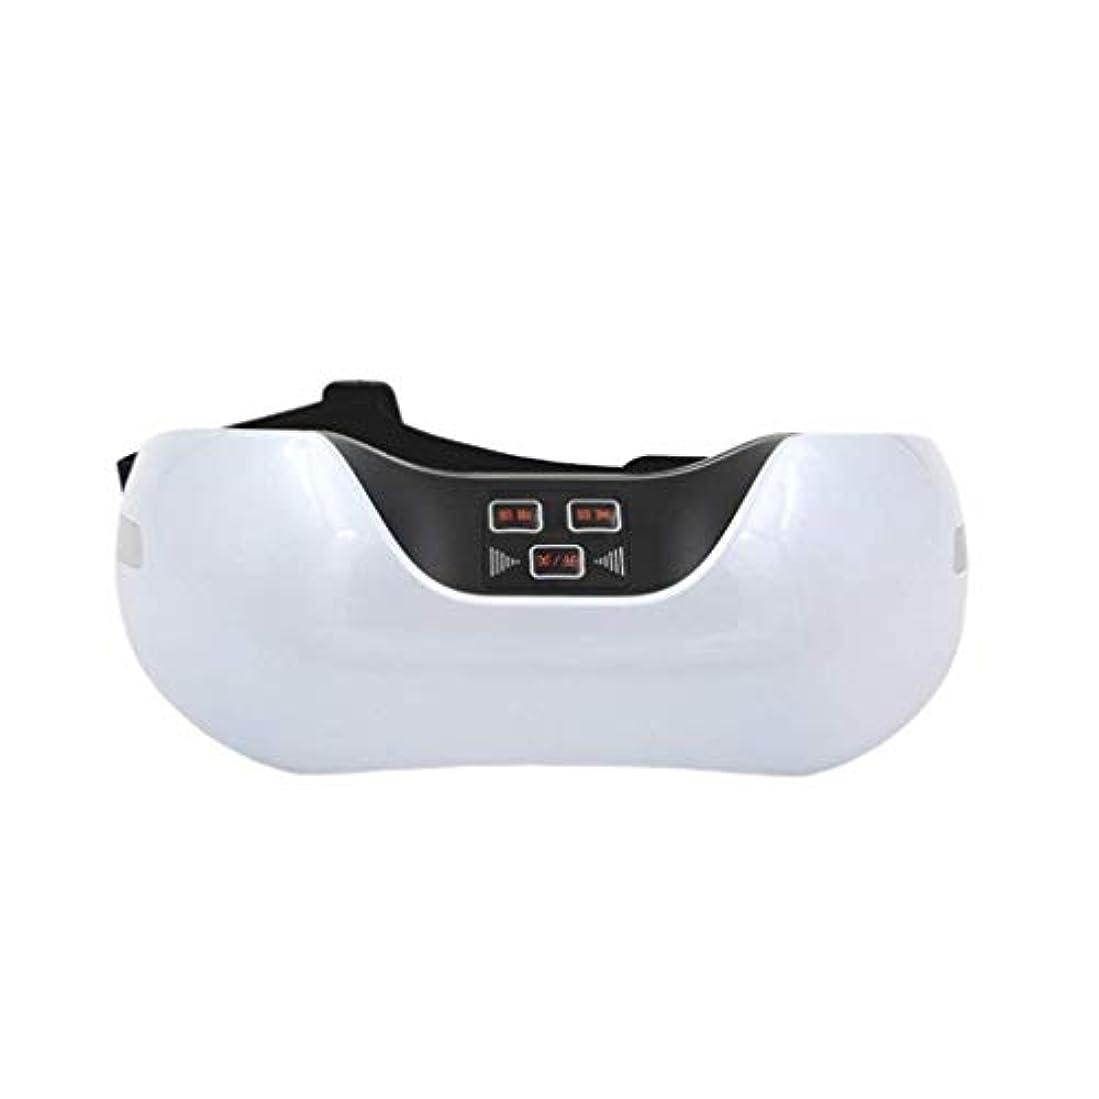 落ちた湿った湿地アイマッサージャー、電動アイマッサージアイマスク、USB充電アイリラクゼーションヘルスマシン、視覚保護デバイス、振動リラクゼーション治療、疲労回復 (Color : 白)